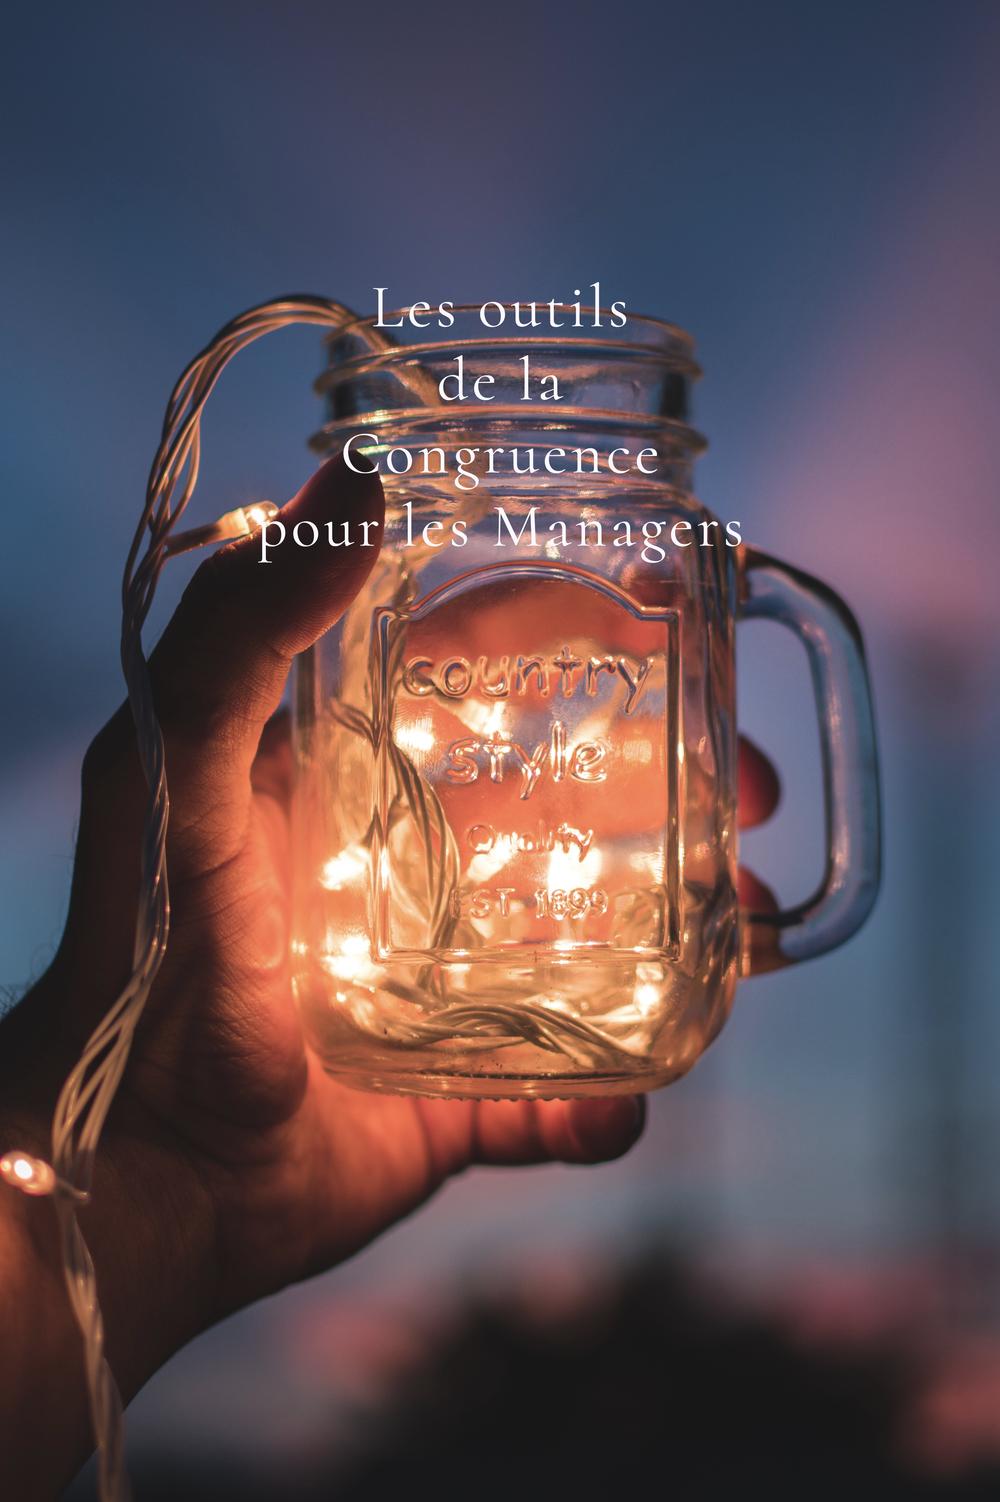 ouitls-de-la-congruenceV3.png